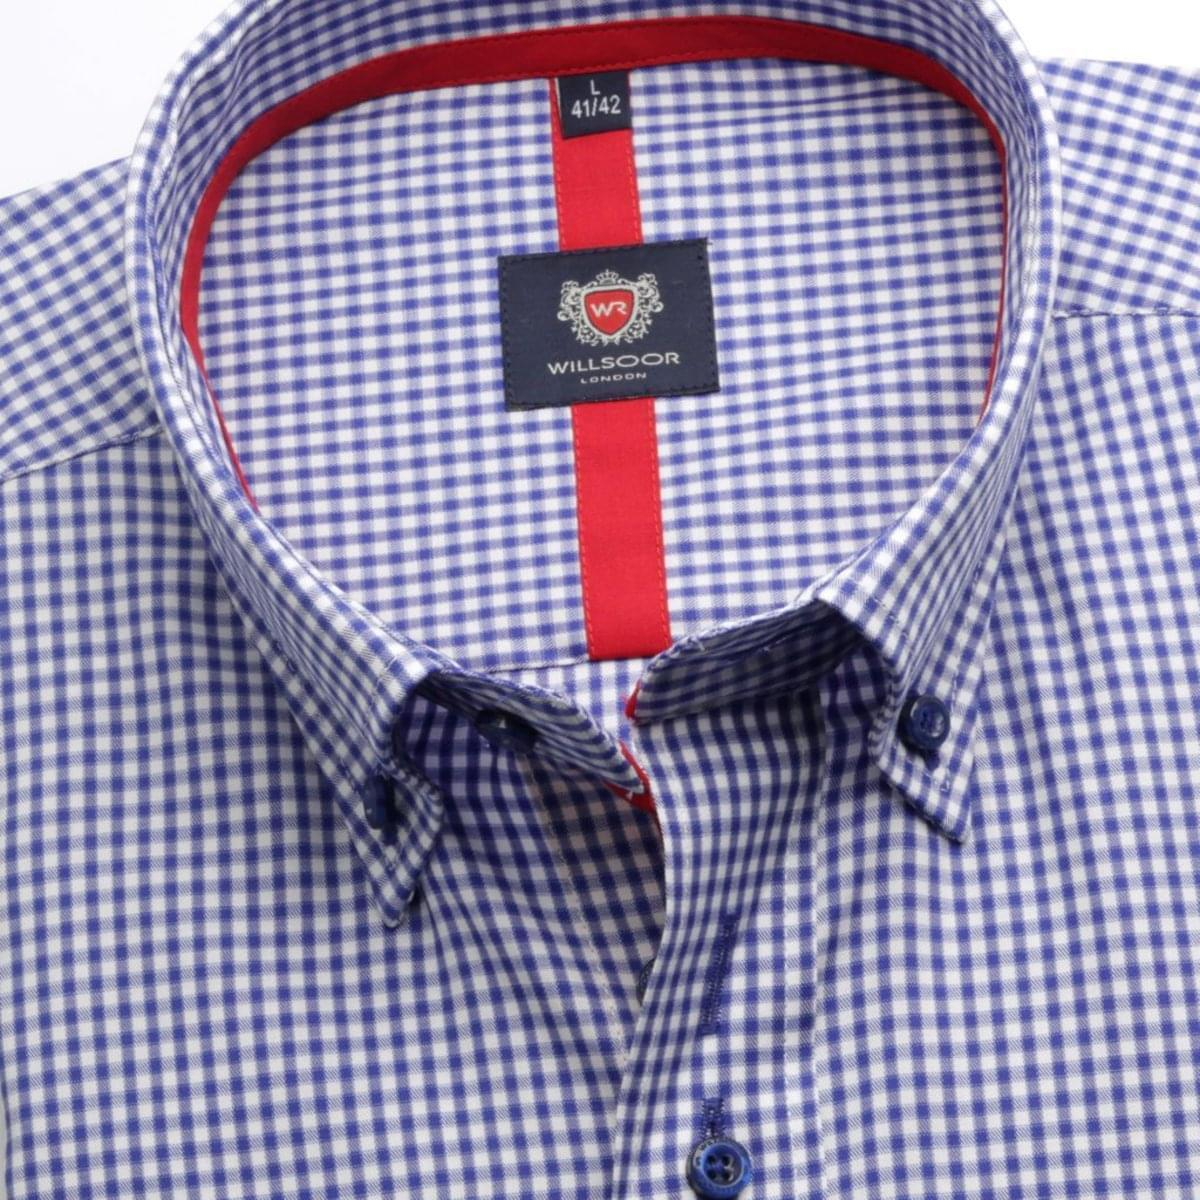 Pánská košile WR Londonv bílé barvě s kostkou (výška 188-194) 5280 188-194 / XL (43/44)